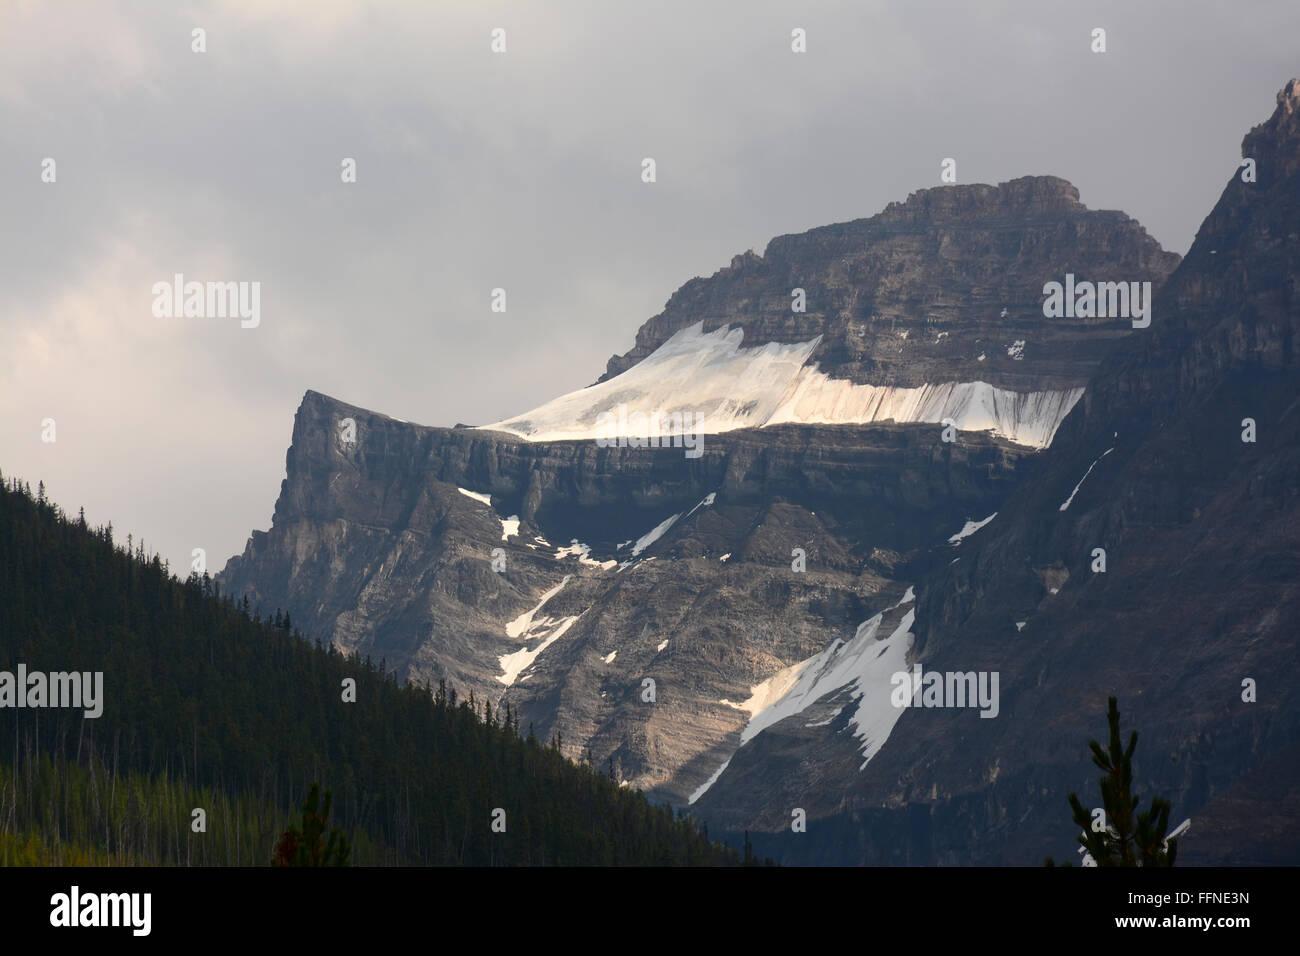 Kootenay national Park - Stock Image